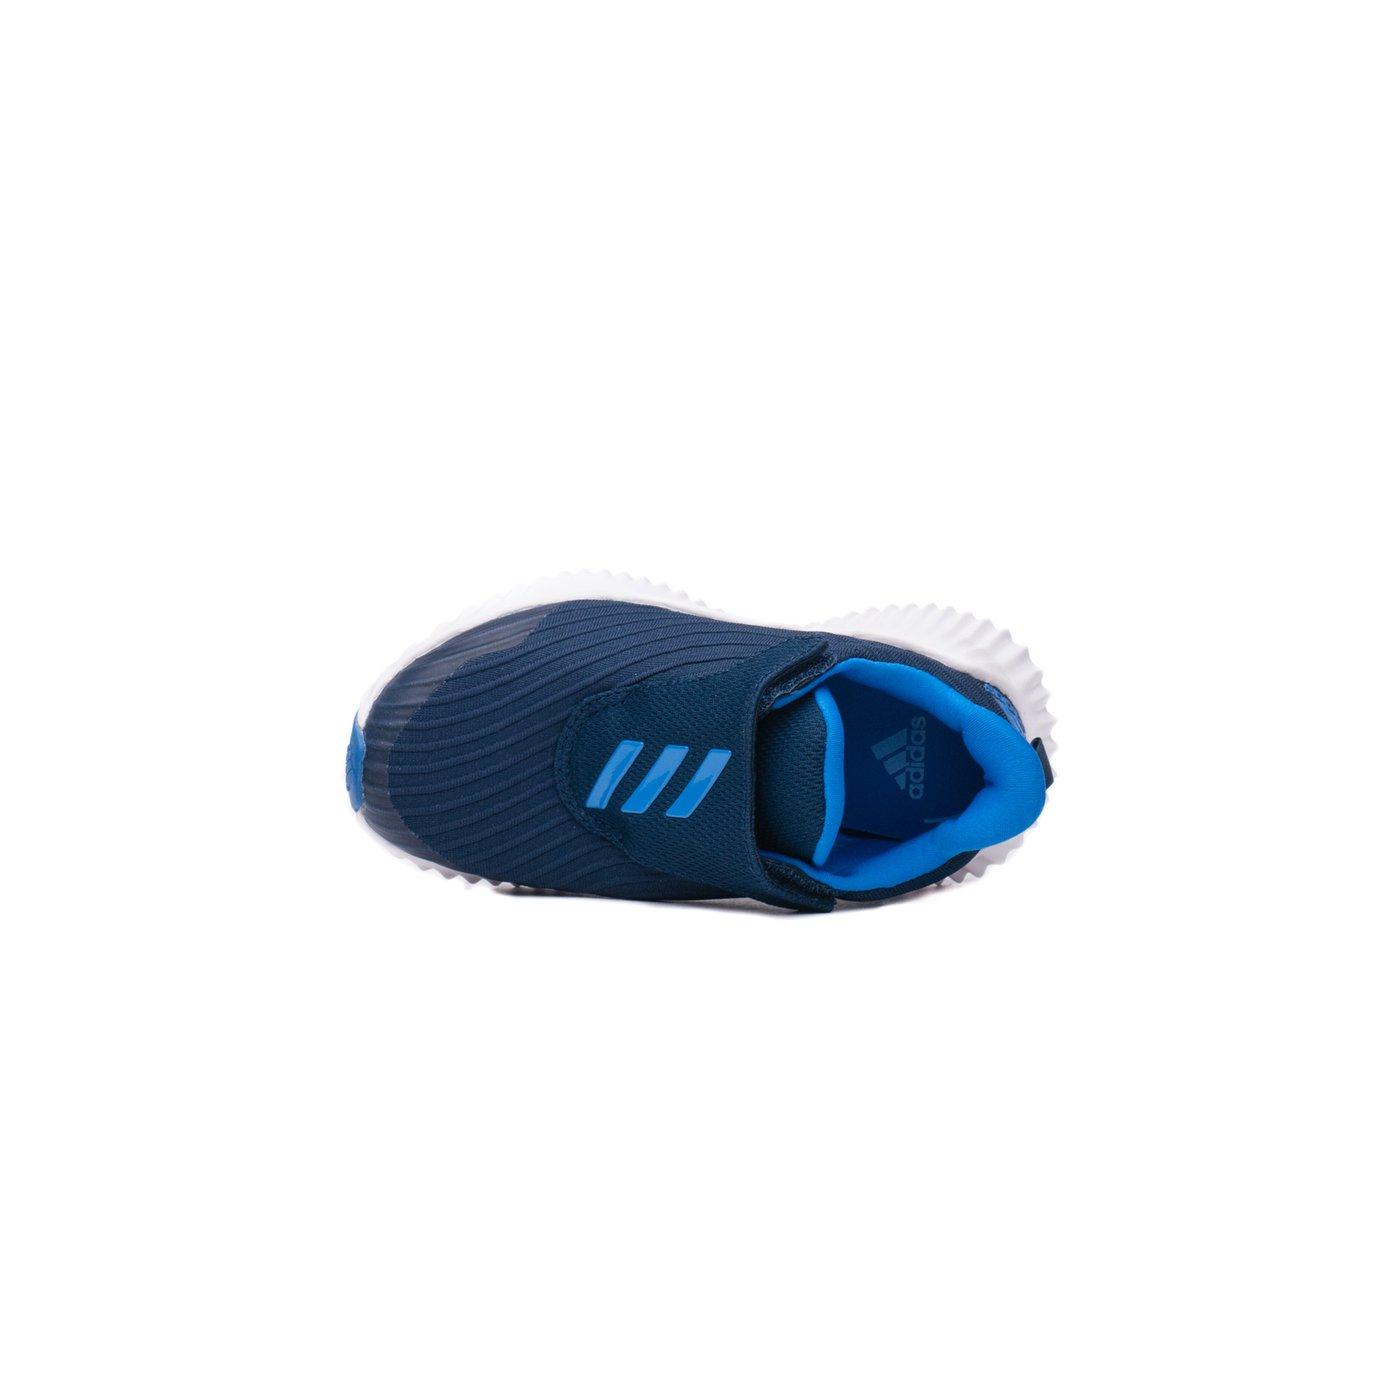 Кросівки дитячі Adidas FORTARUN  для бігу